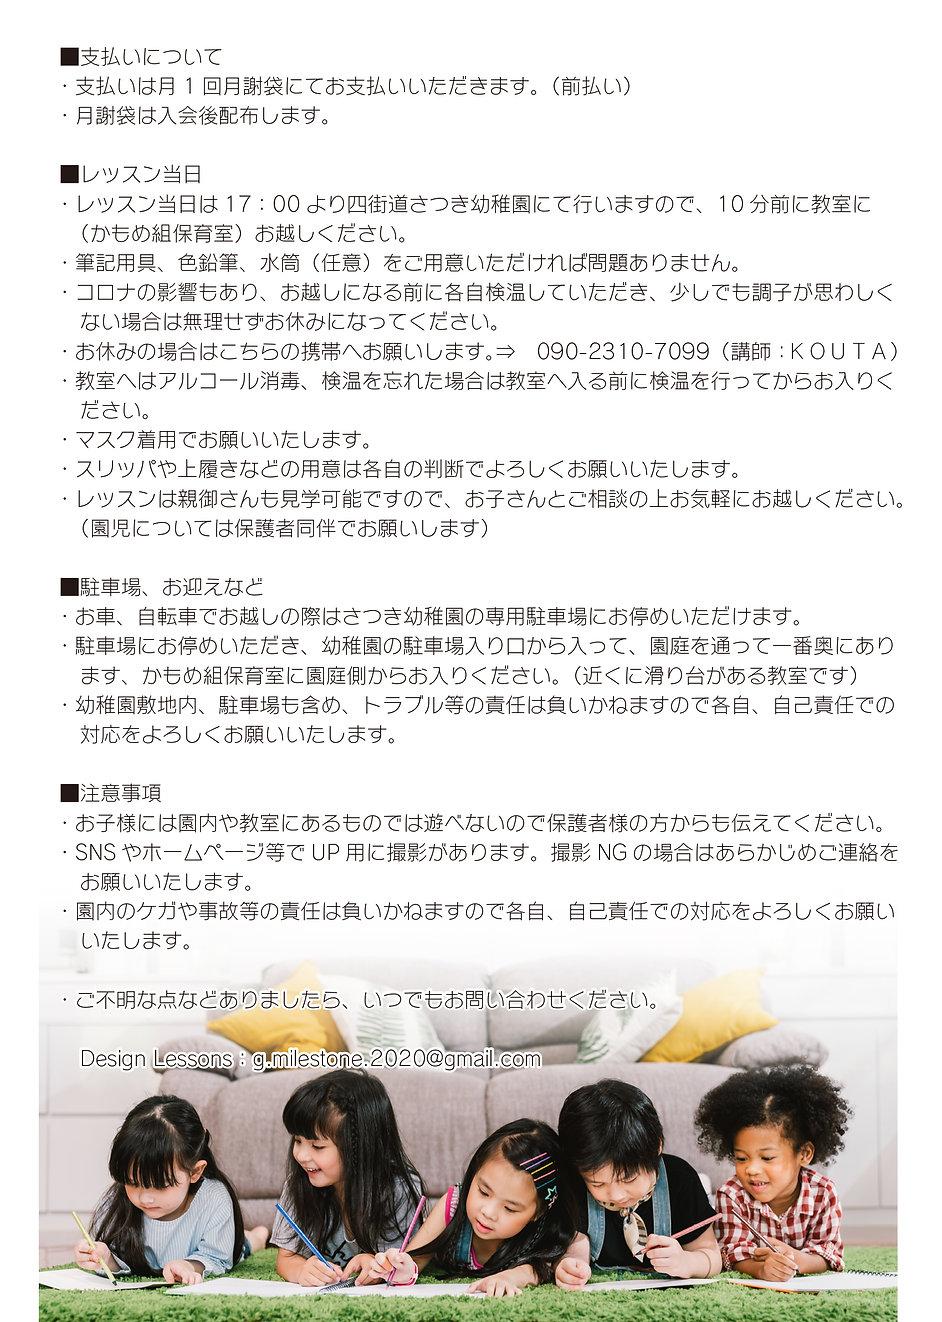 デザイン教室詳細2.jpg